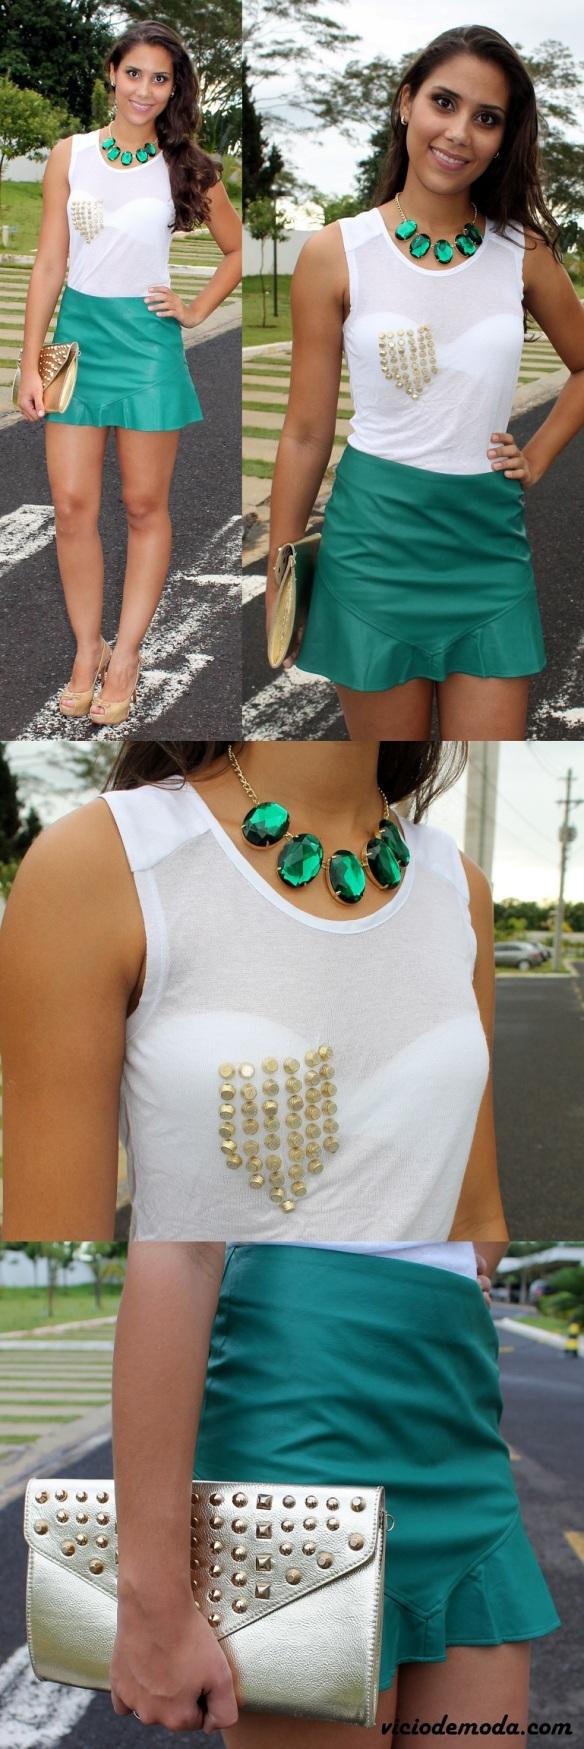 Saia godê verde esmelralda e blusa com bolso de spikes